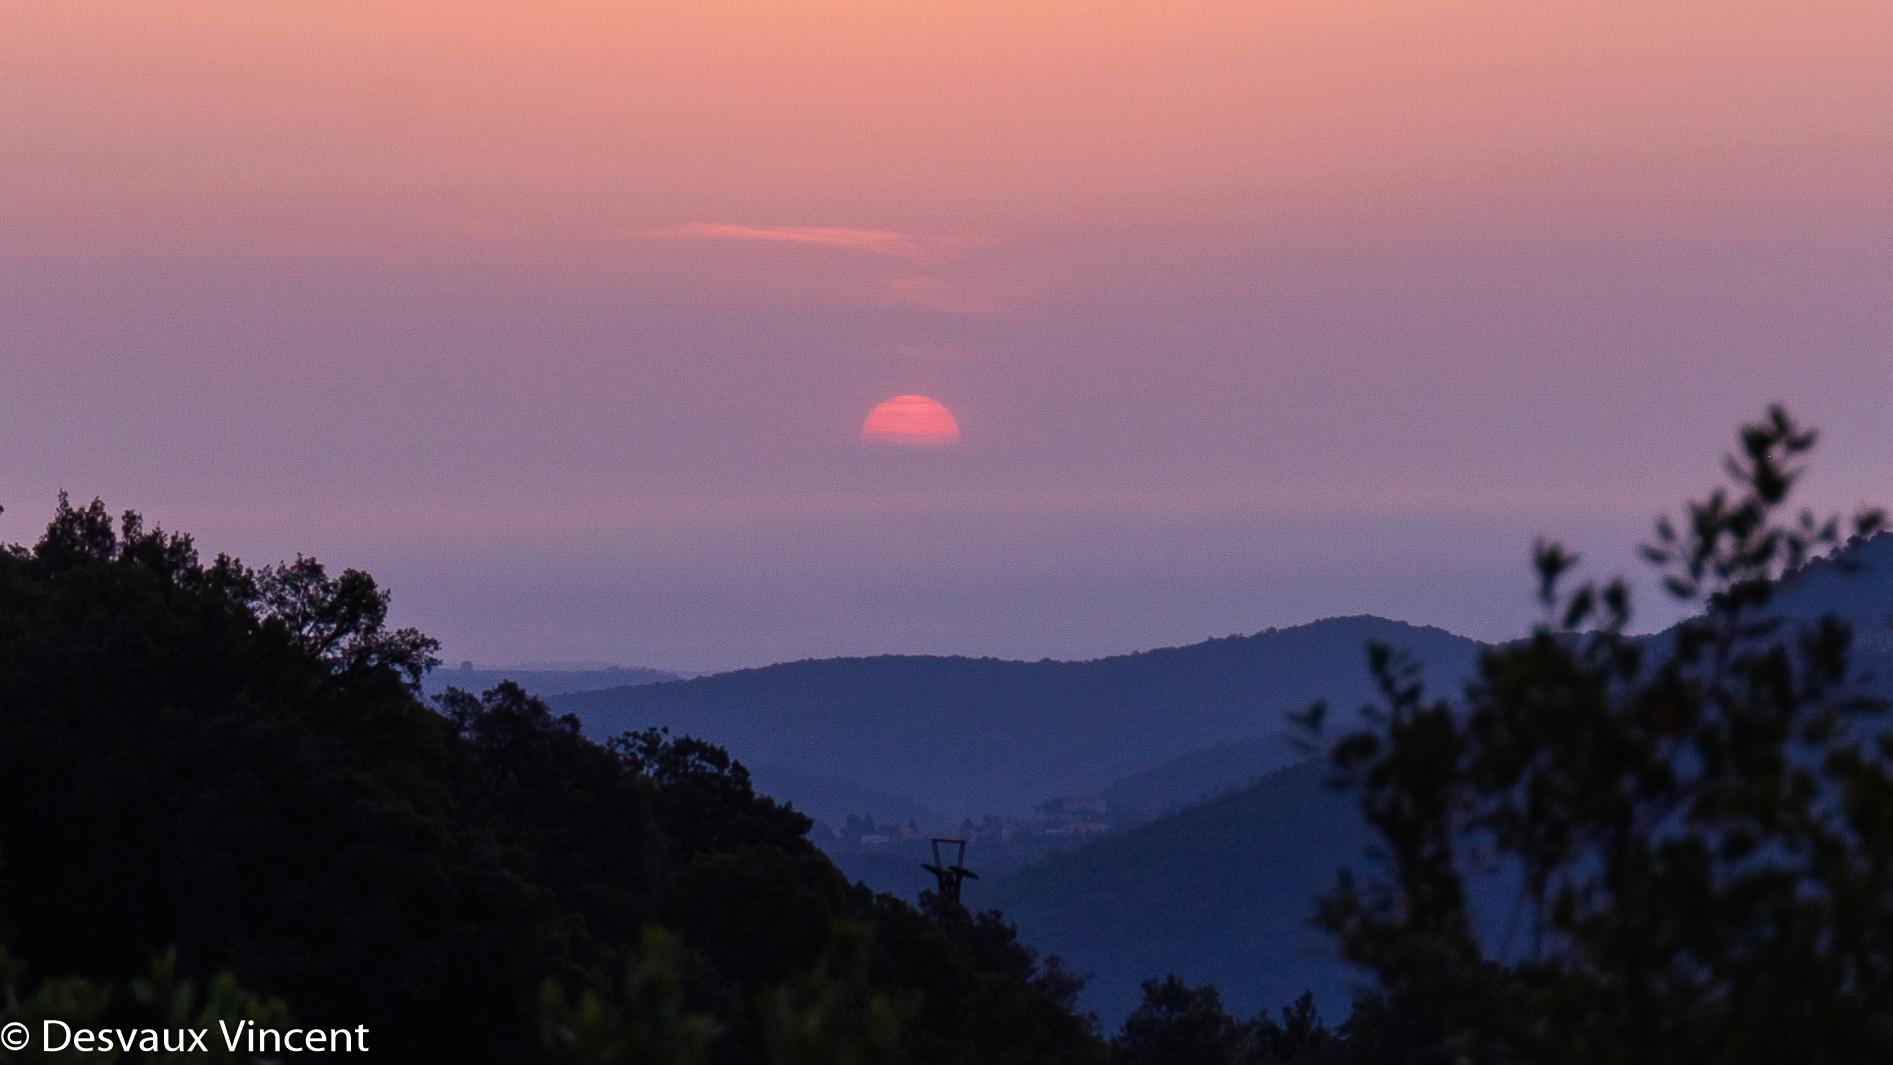 lever de soleil sur la vallée au dessus du poteau de telepherique depuis pin parasol-5907.jpg